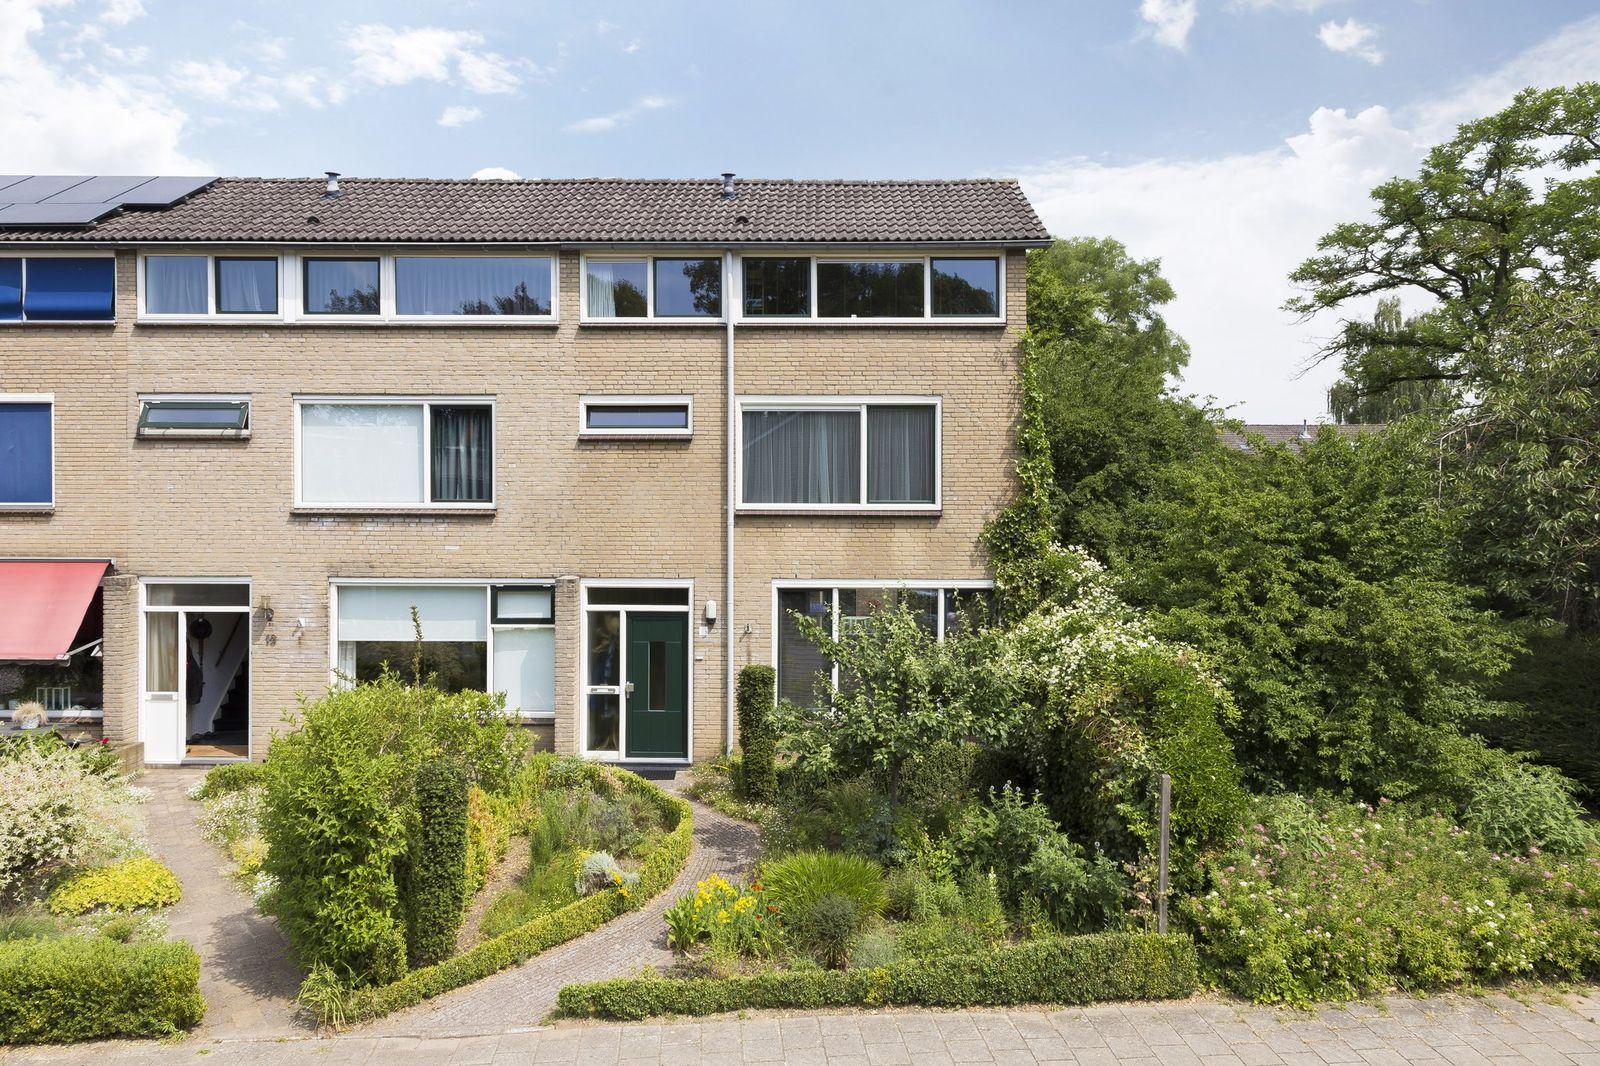 van Essenstraat 15, Zutphen